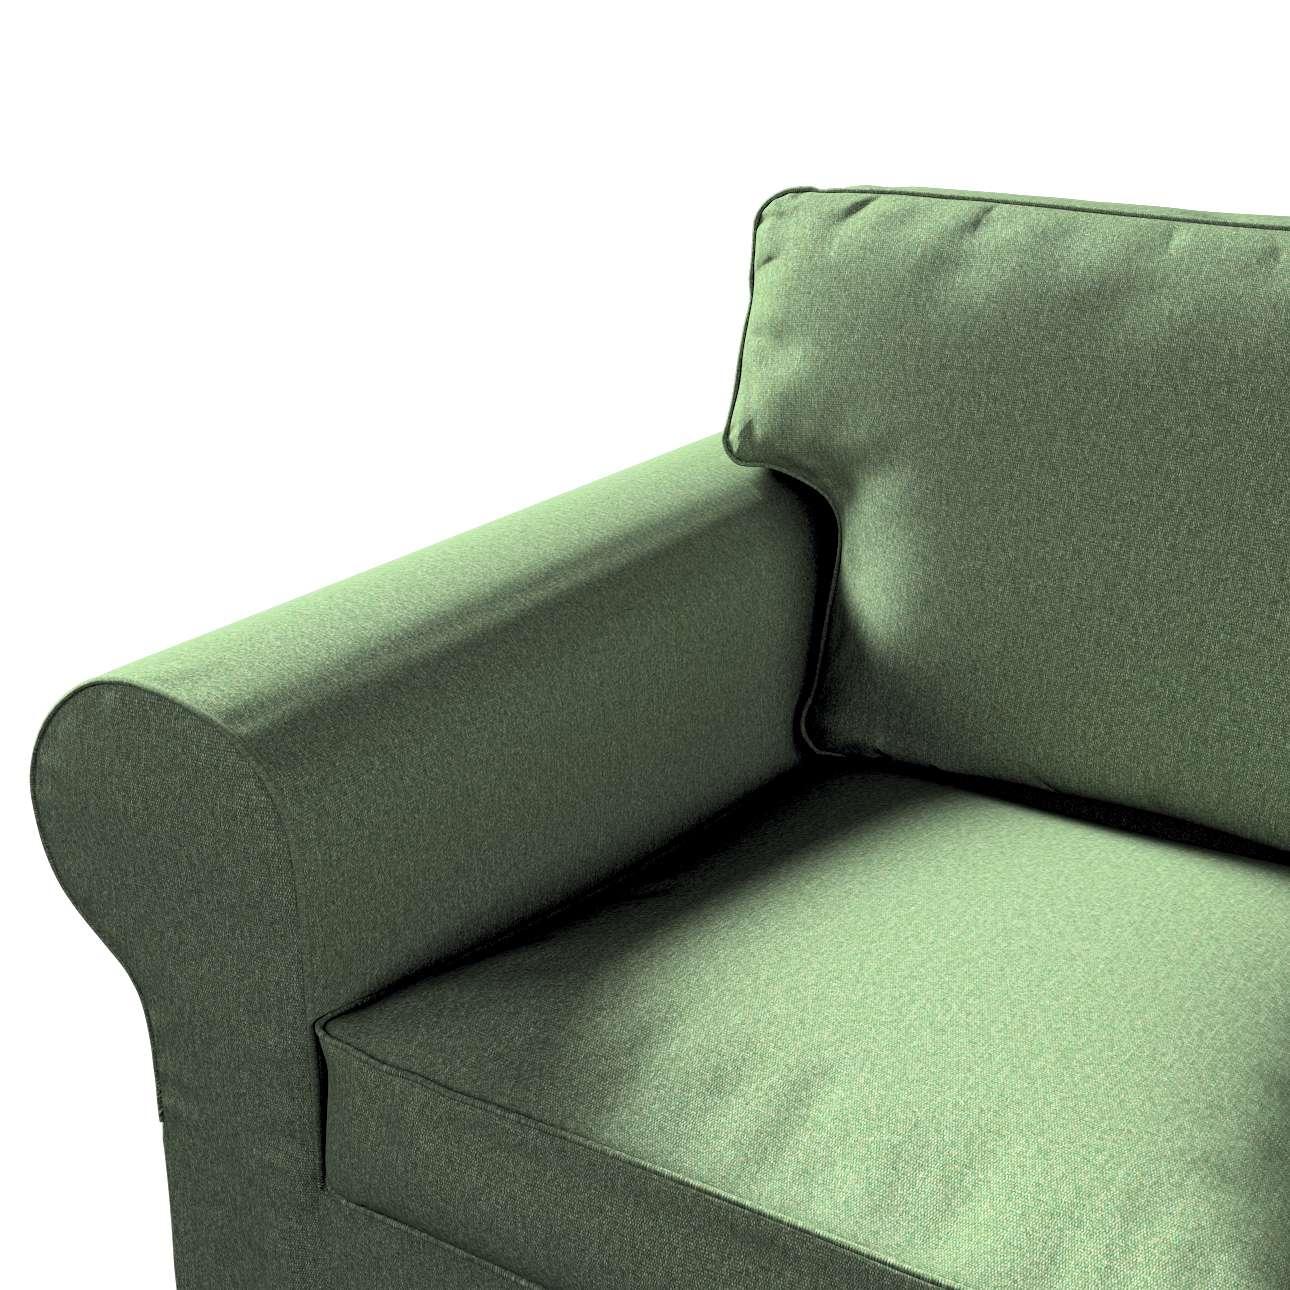 Pokrowiec na sofę Ektorp 2-osobową rozkładaną, model po 2012 w kolekcji Amsterdam, tkanina: 704-44